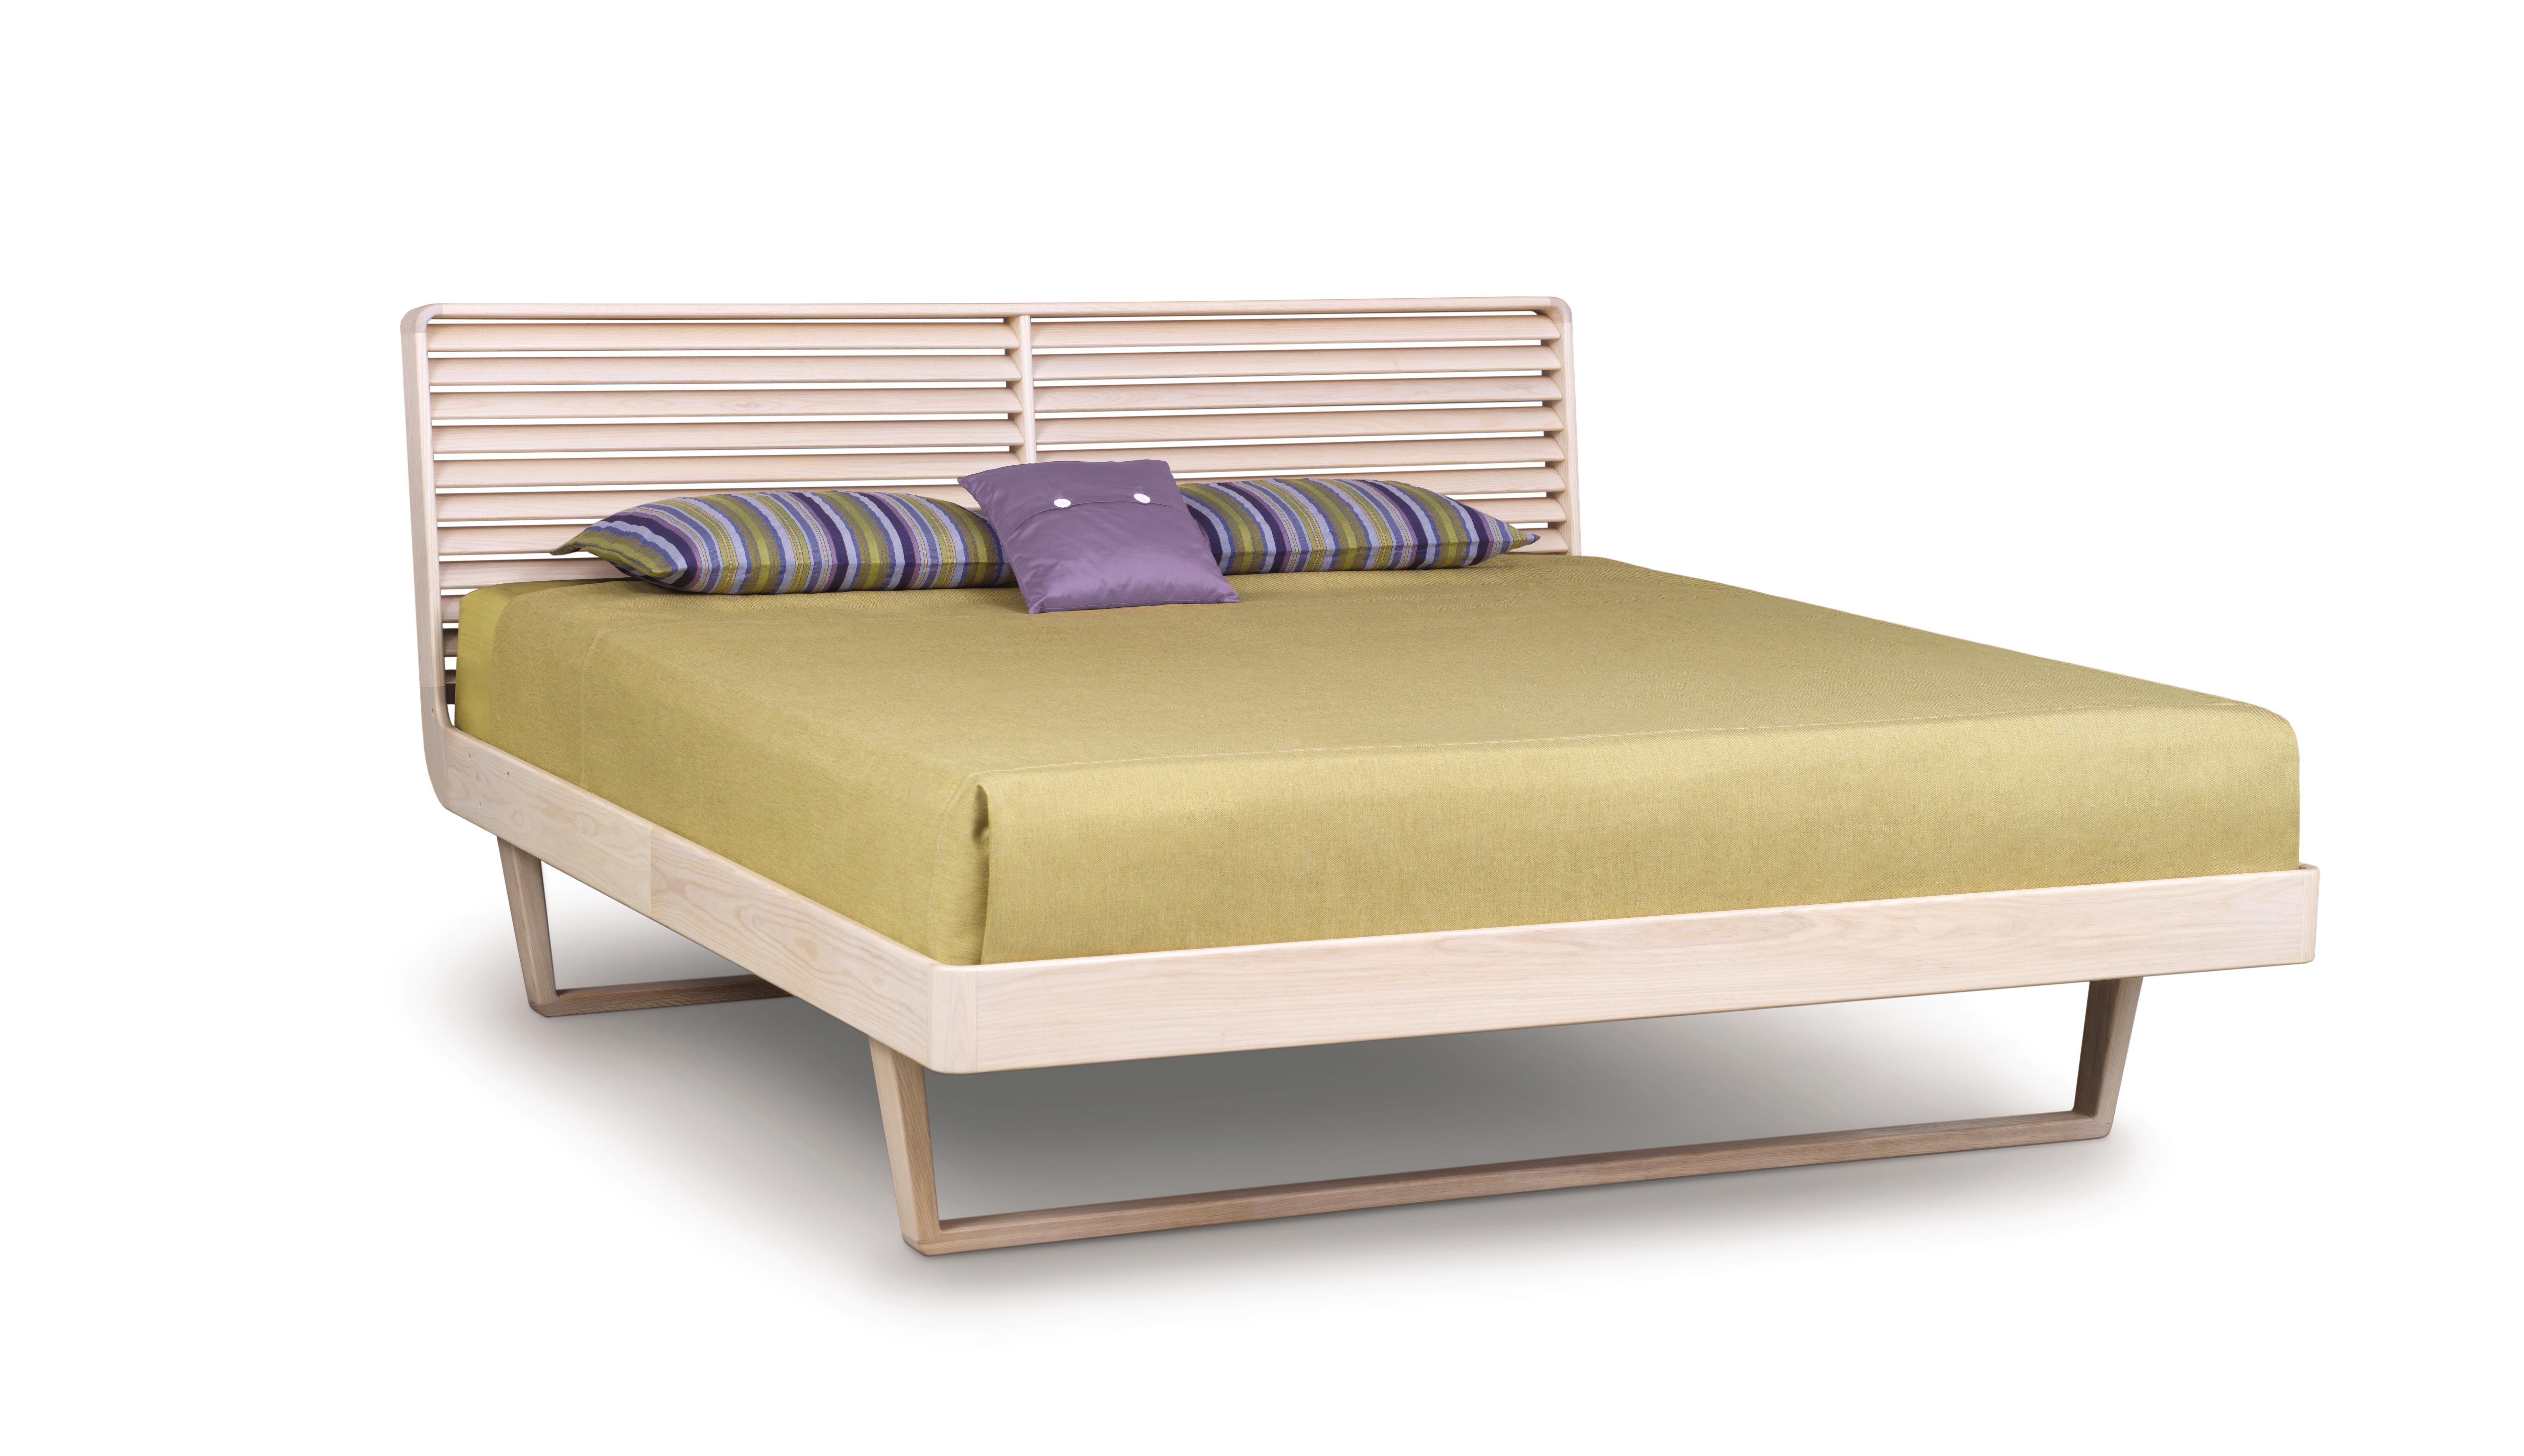 Contour Bed Furniture, Bed furniture, Modern platform bed